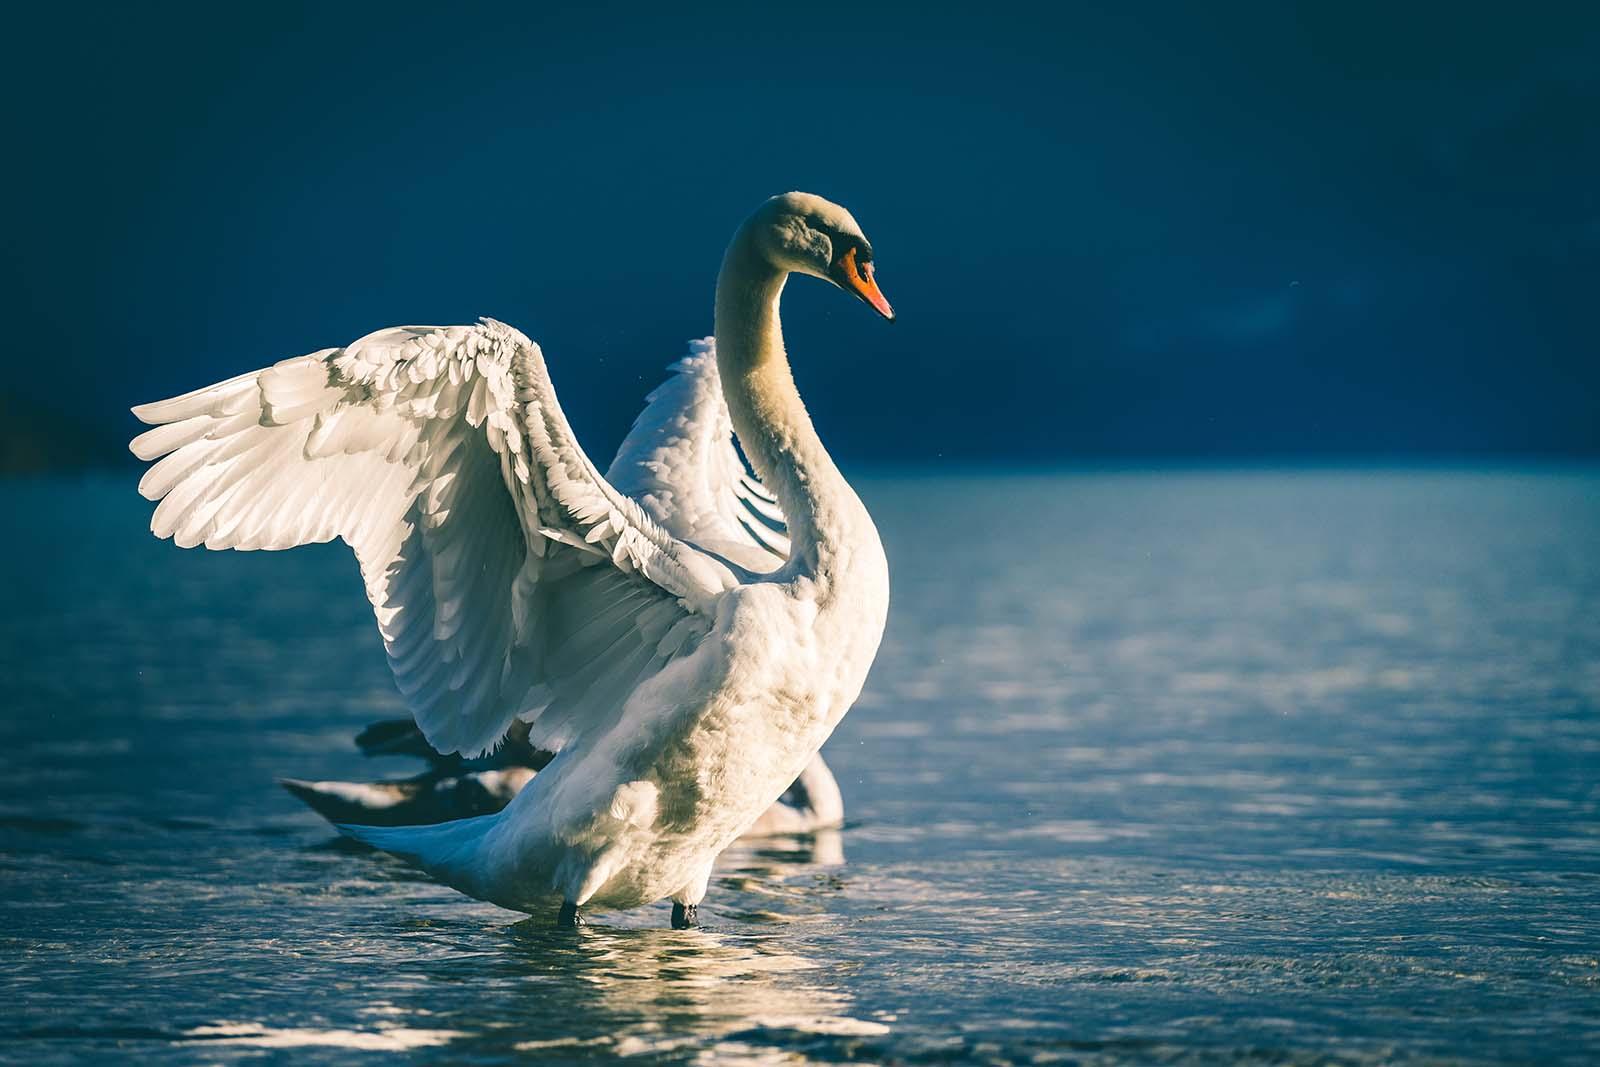 Cisne verde: ¿qué es y por qué preocupa a los analistas